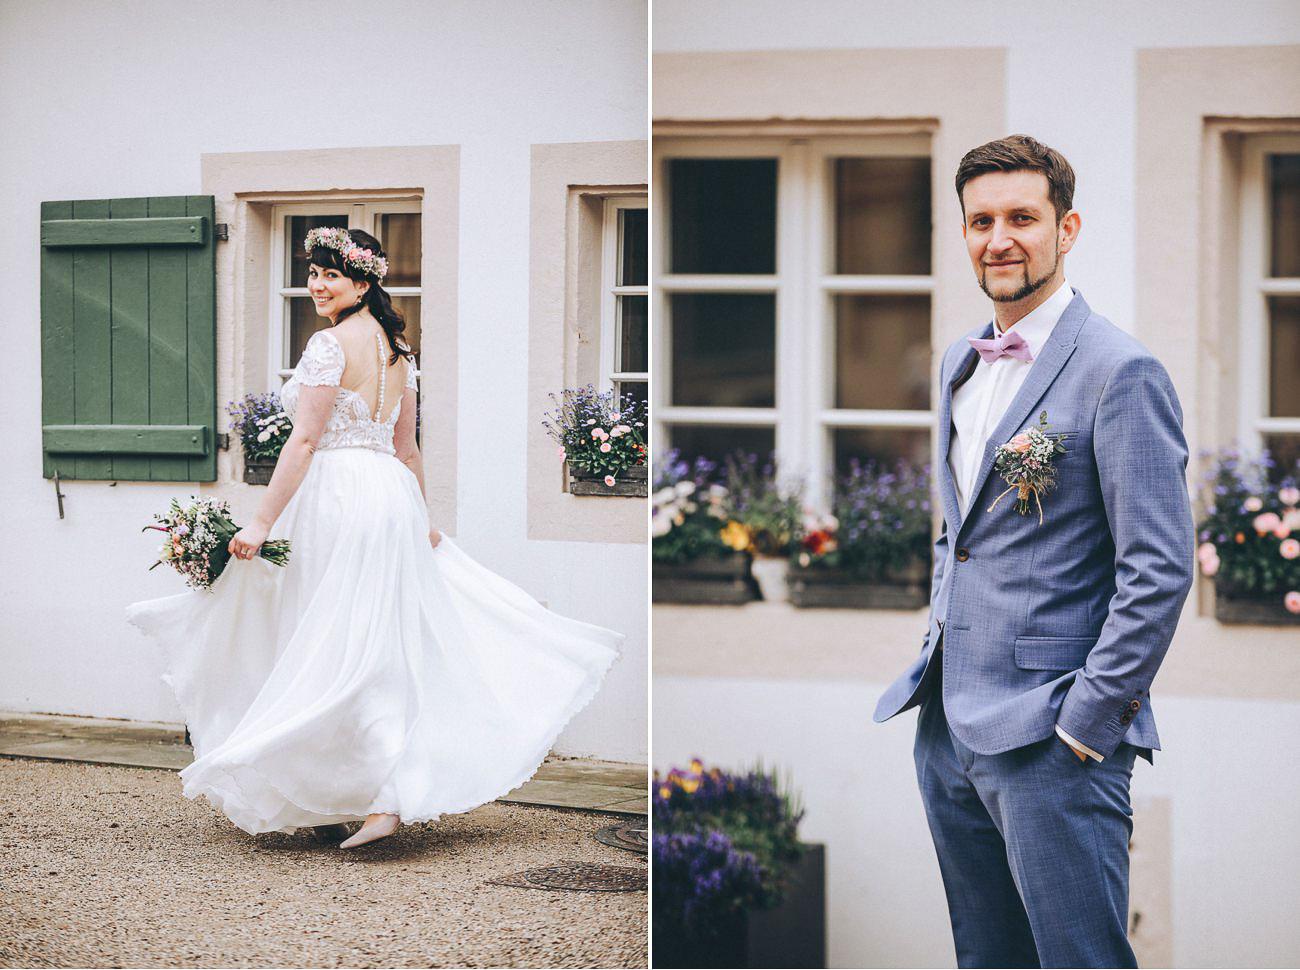 Brautpaarbilder_Weingut_Hofloeßnitz_Hochzeitsfotograf_070-_